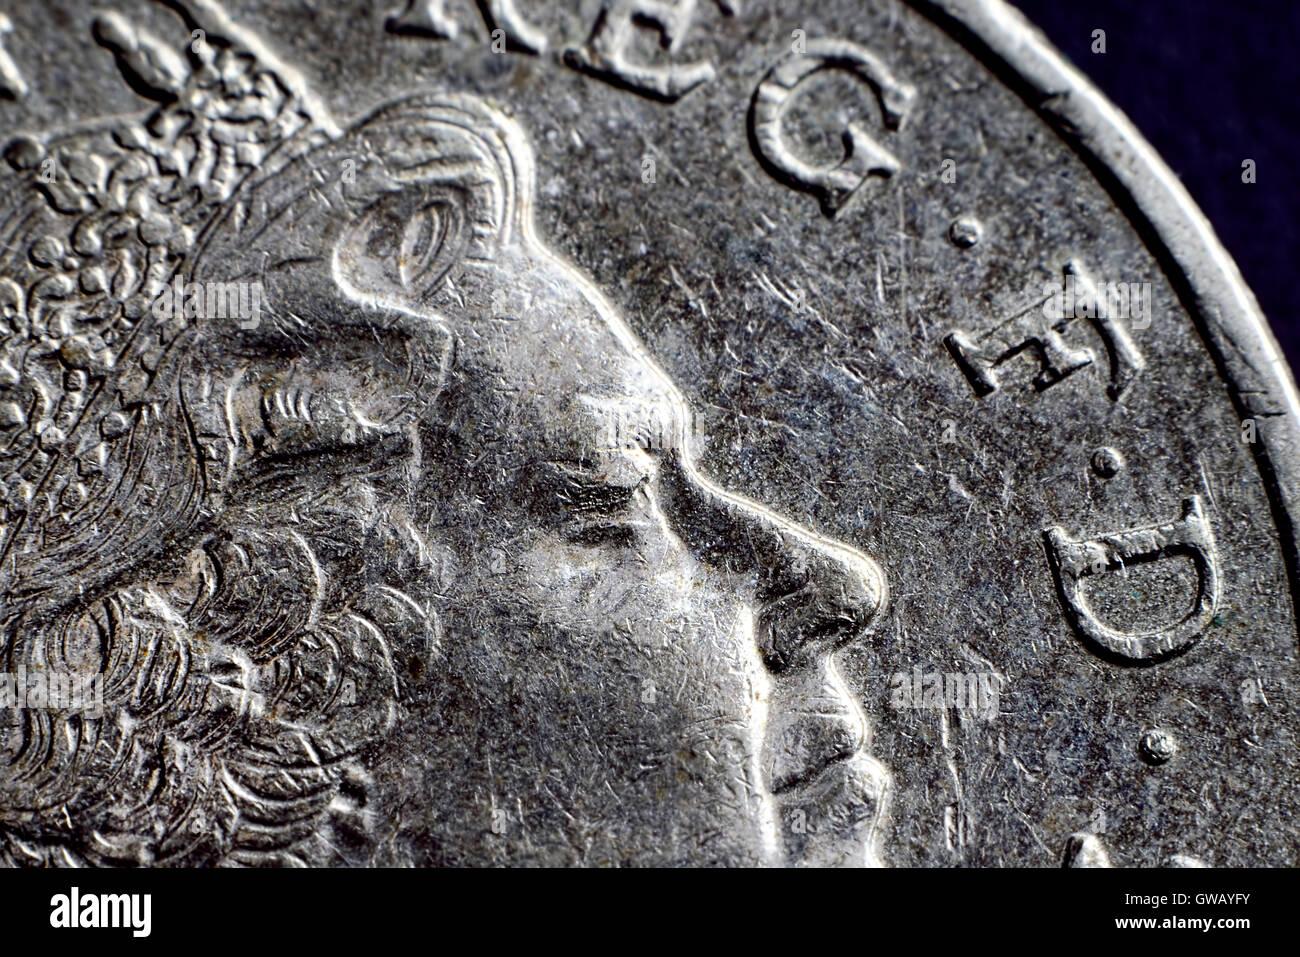 British one-pound coin, Britische Ein-Pfund-Muenze - Stock Image